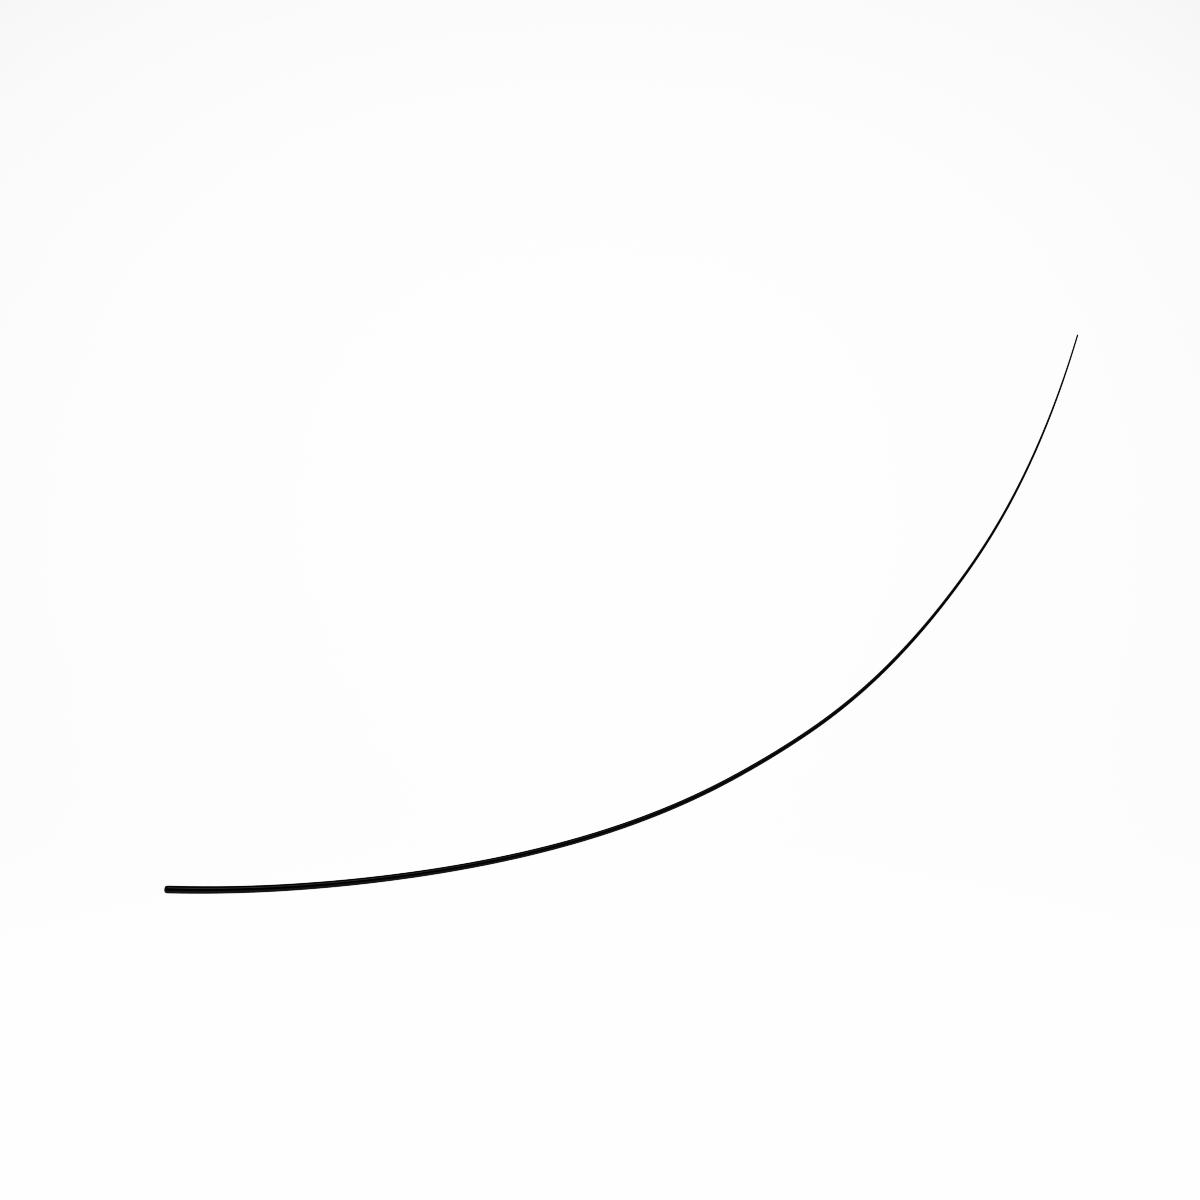 rzesy-objetosciowe-silk-black-b-0-1